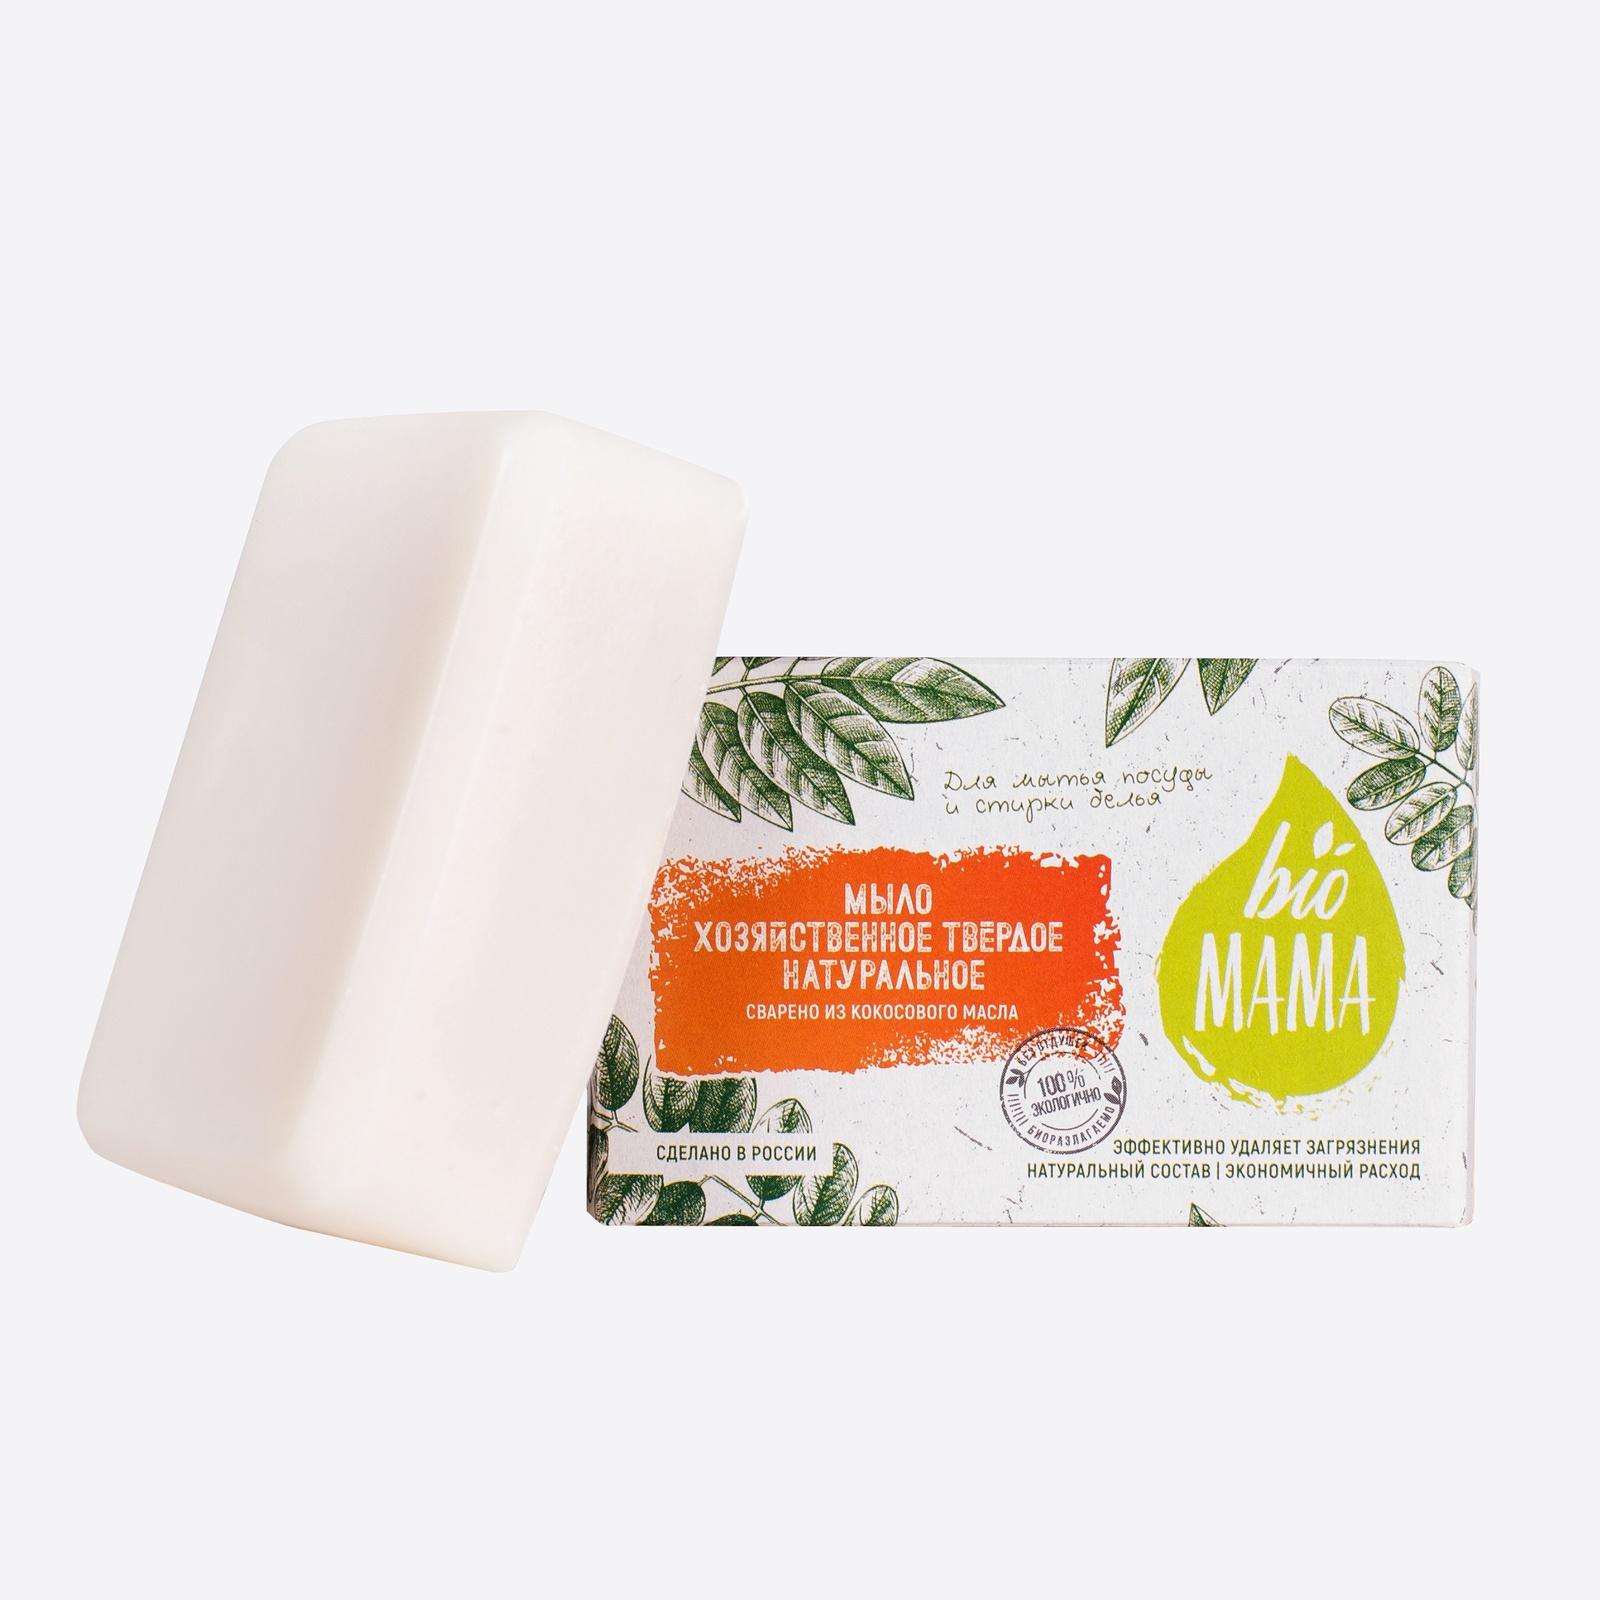 Фото - Натуральное хозяйственное твердое мыло babyline натуральное детское моющее средство для мытья детских ванн и горшков 500 мл